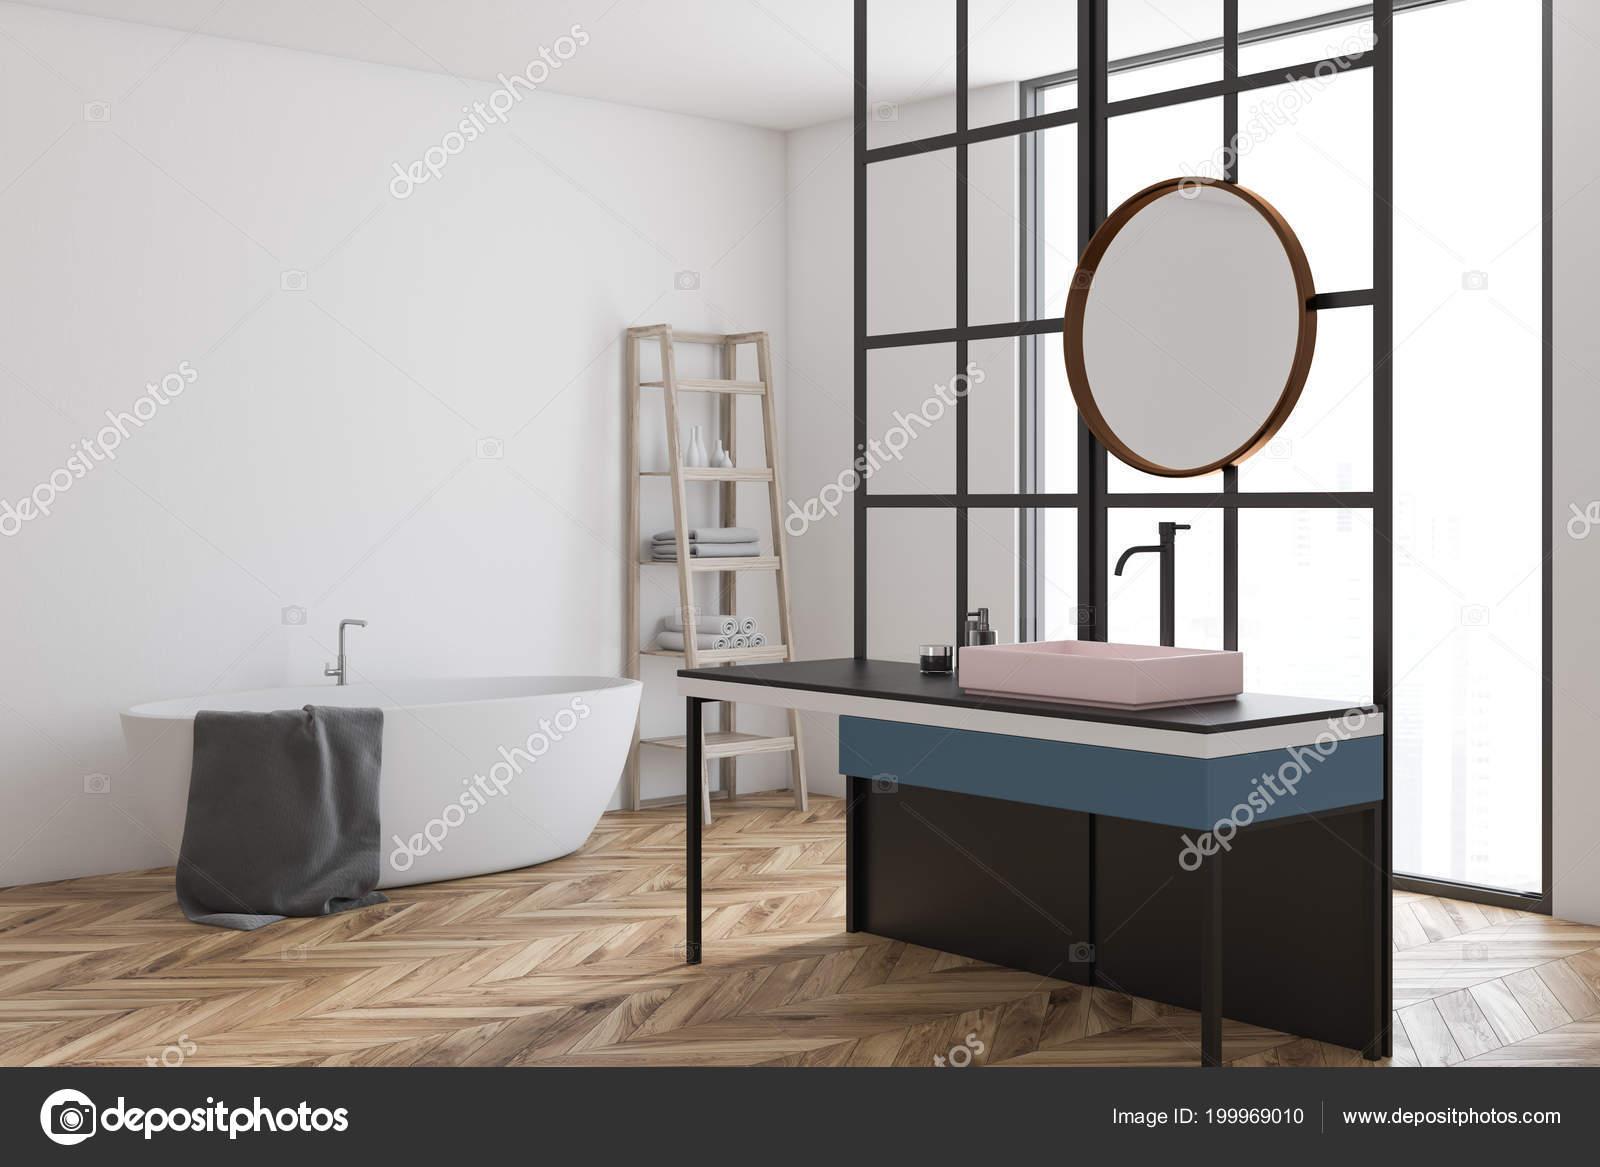 Vasca Da Lavare In Cemento : Angolo moderno bagno con finestra pavimento cemento lavandino con